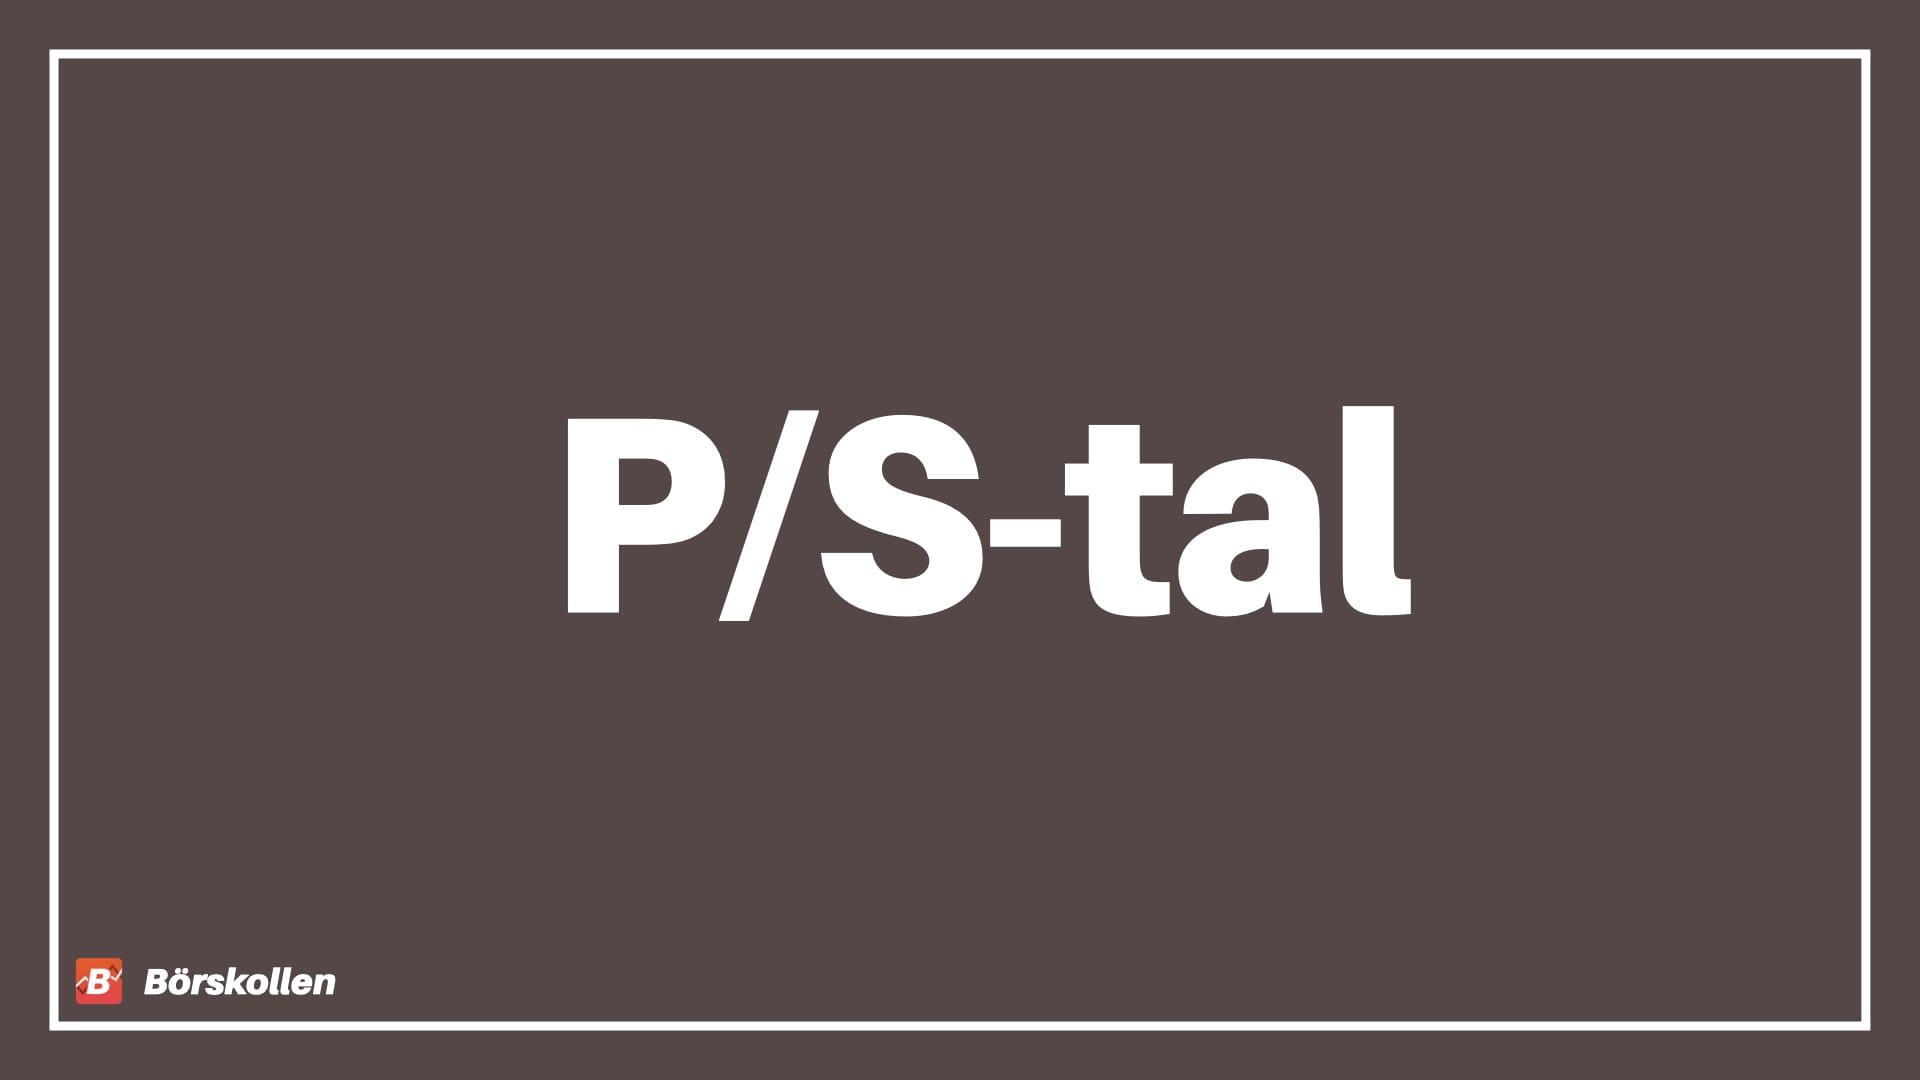 Vad är P/S tal?